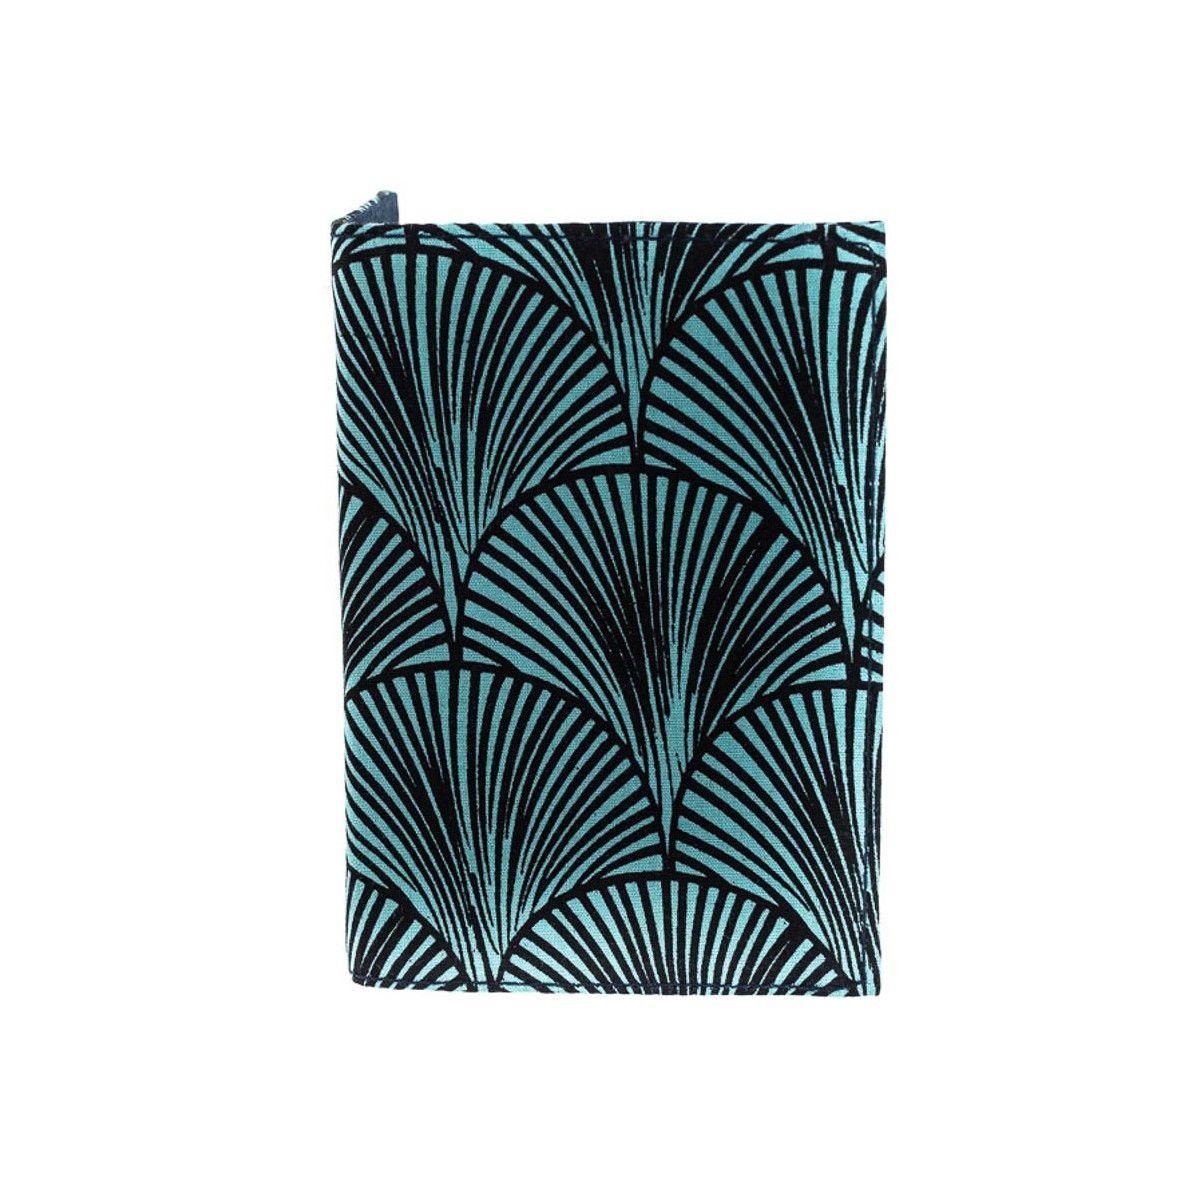 Porte-cartes rigide en coton bleu marine et vert d'eau